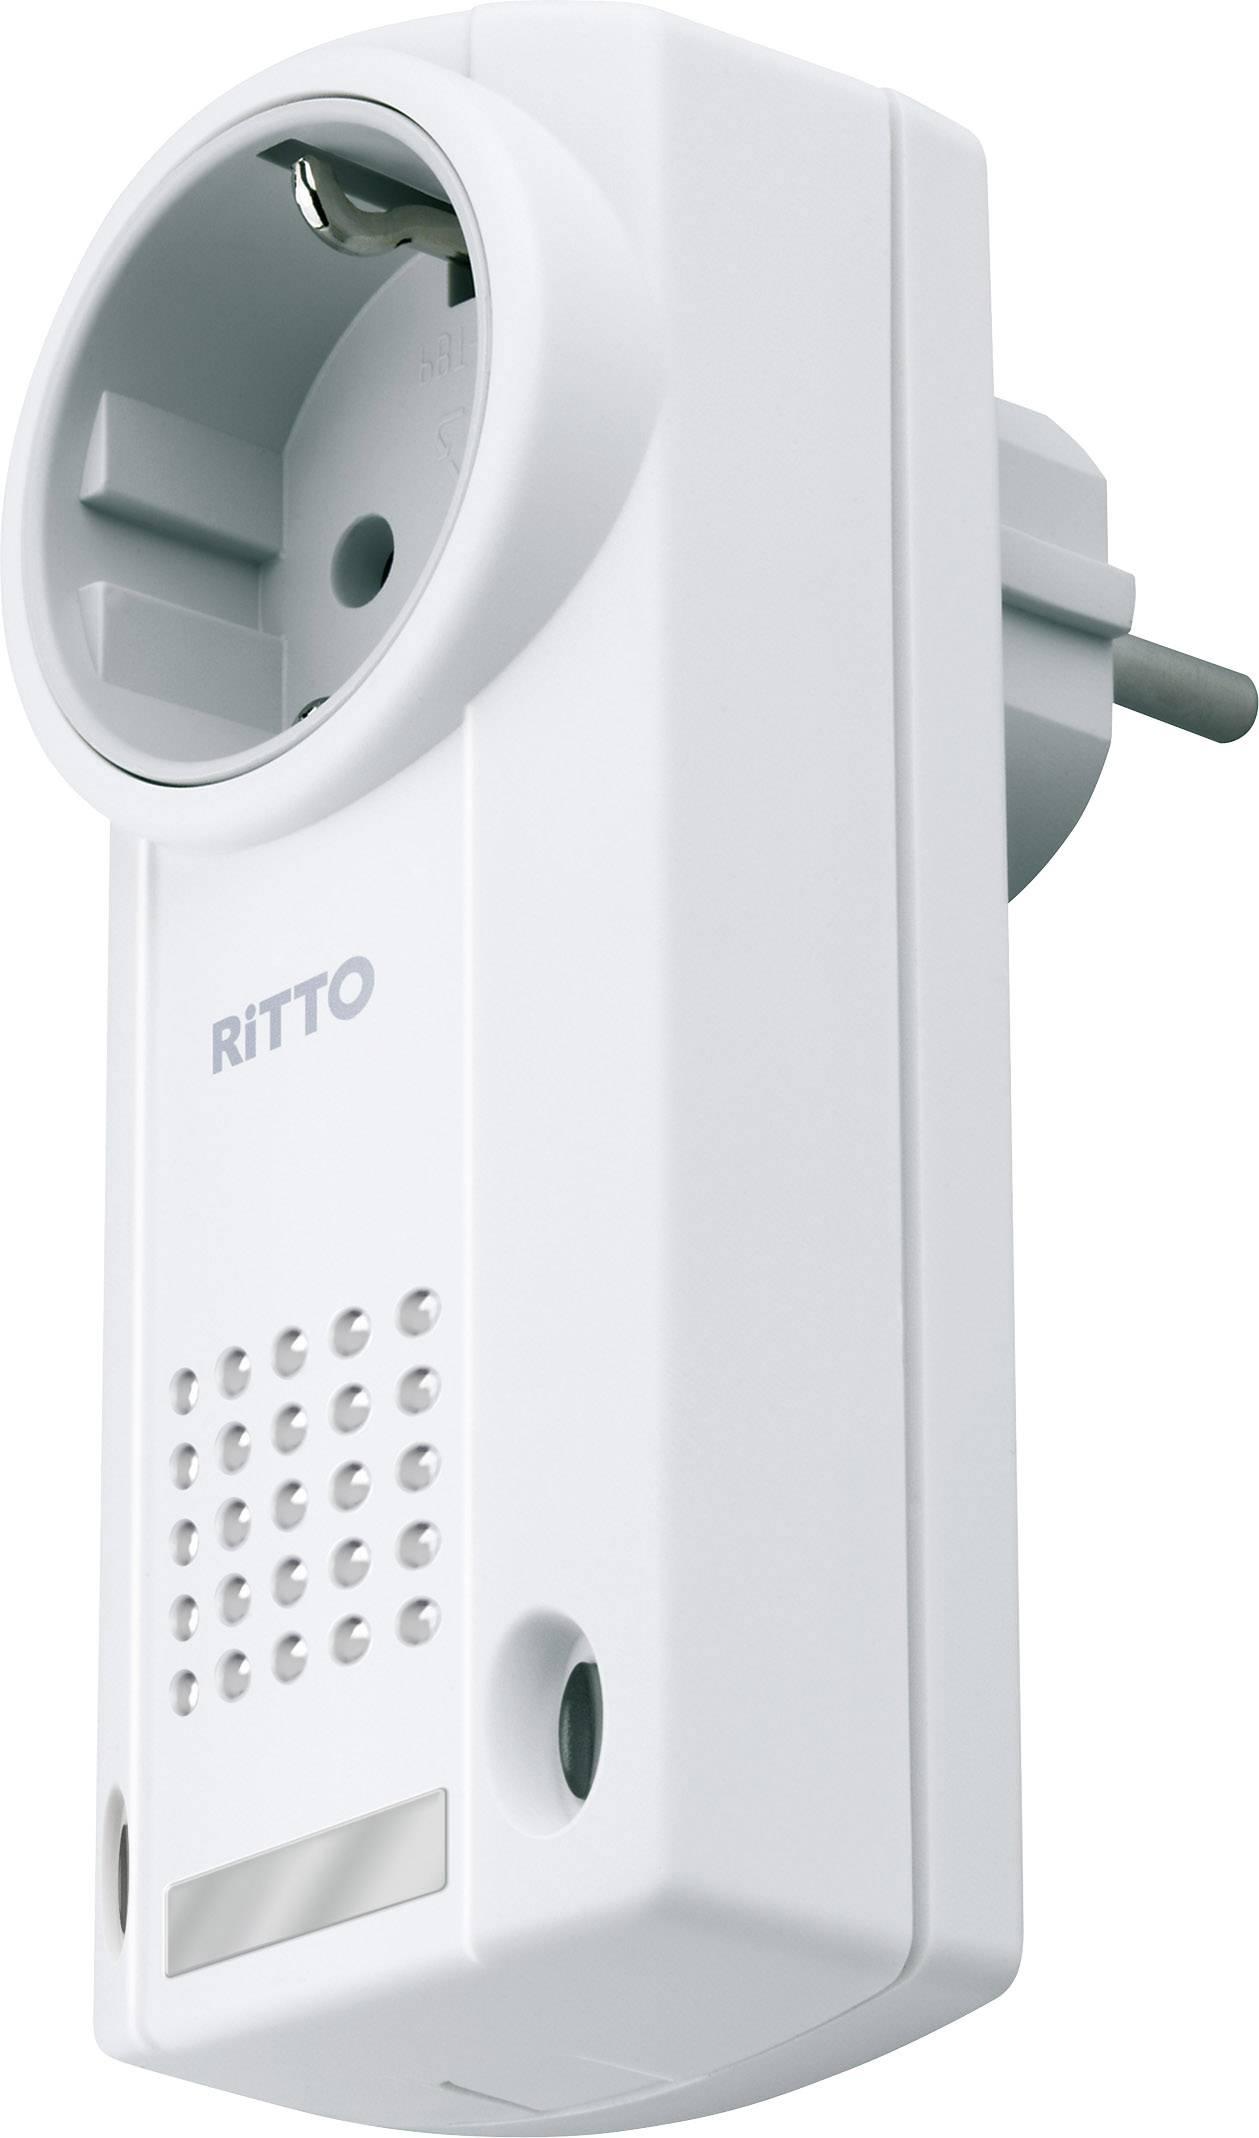 Ritto by Schneider 1795070 Door intercom Radio Sounder  sc 1 st  Conrad.com & Ritto by Schneider 1795070 Door intercom Radio Sounder from Conrad.com